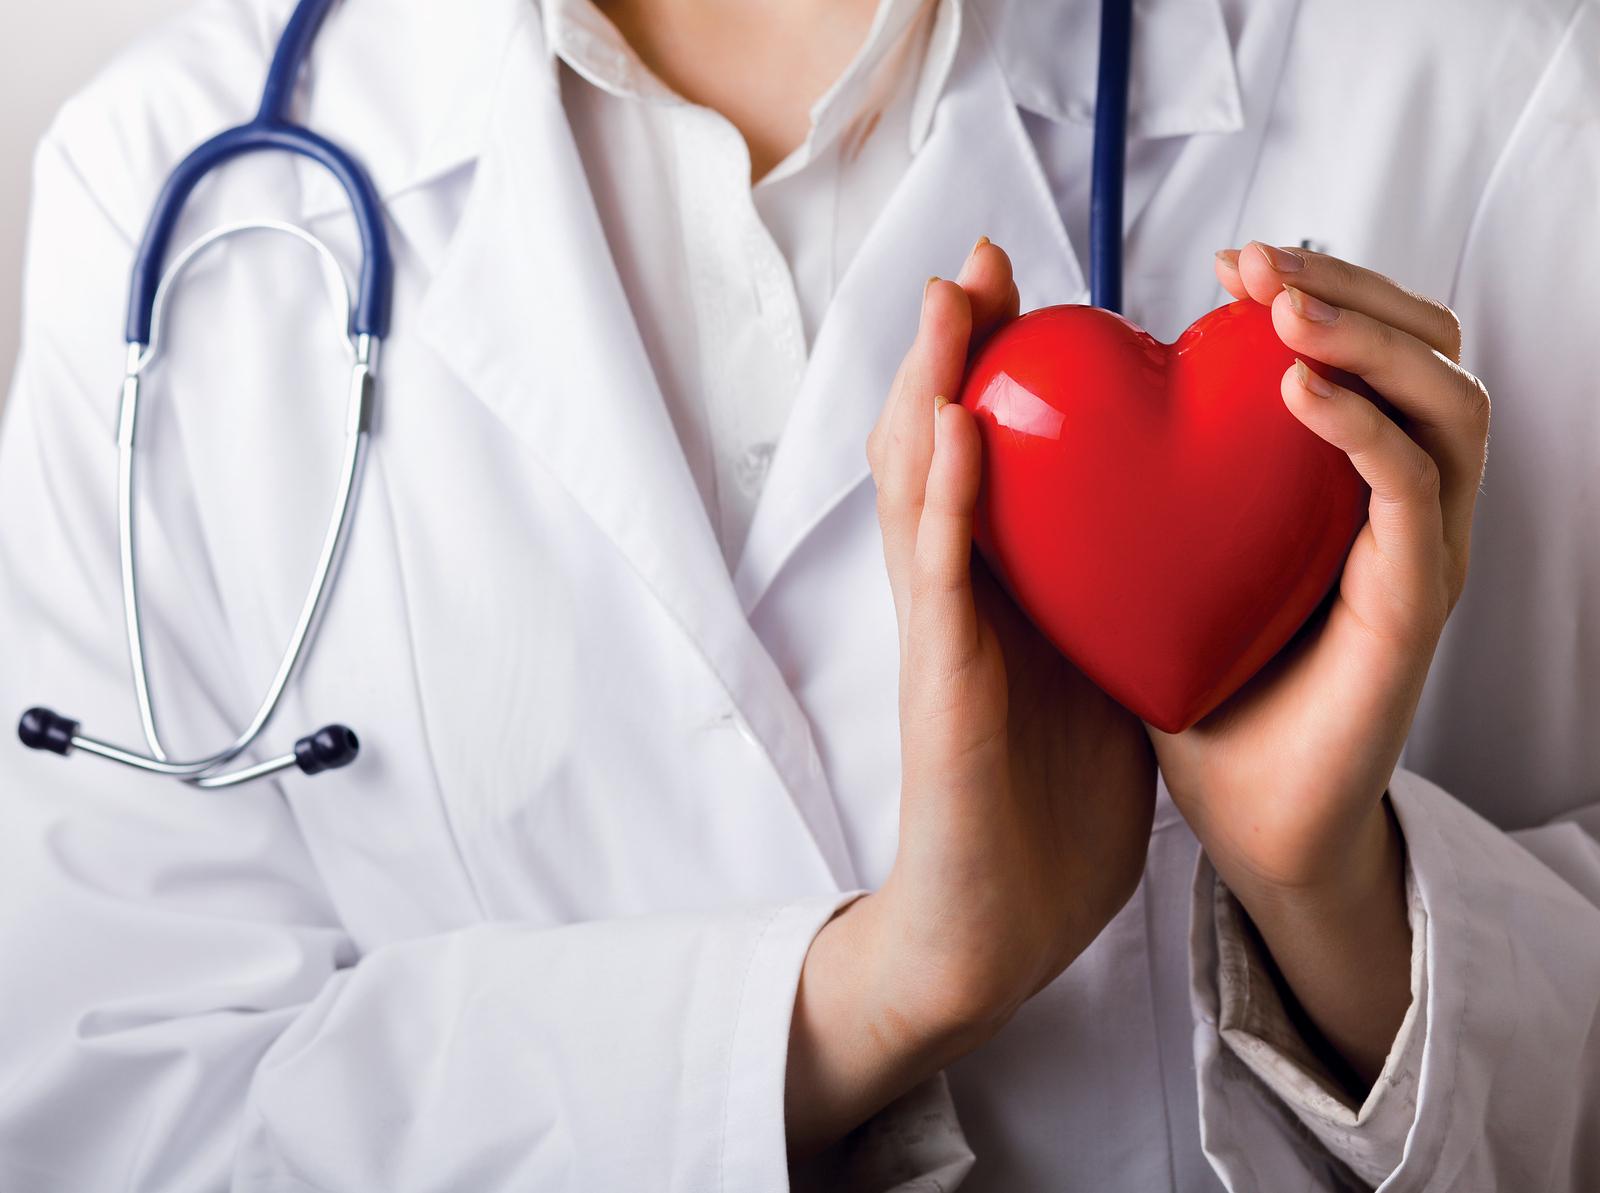 Phụ nữ mắc các bệnh lý về tim mạch cần lưu ý kiểm tra kỹ sức khỏe